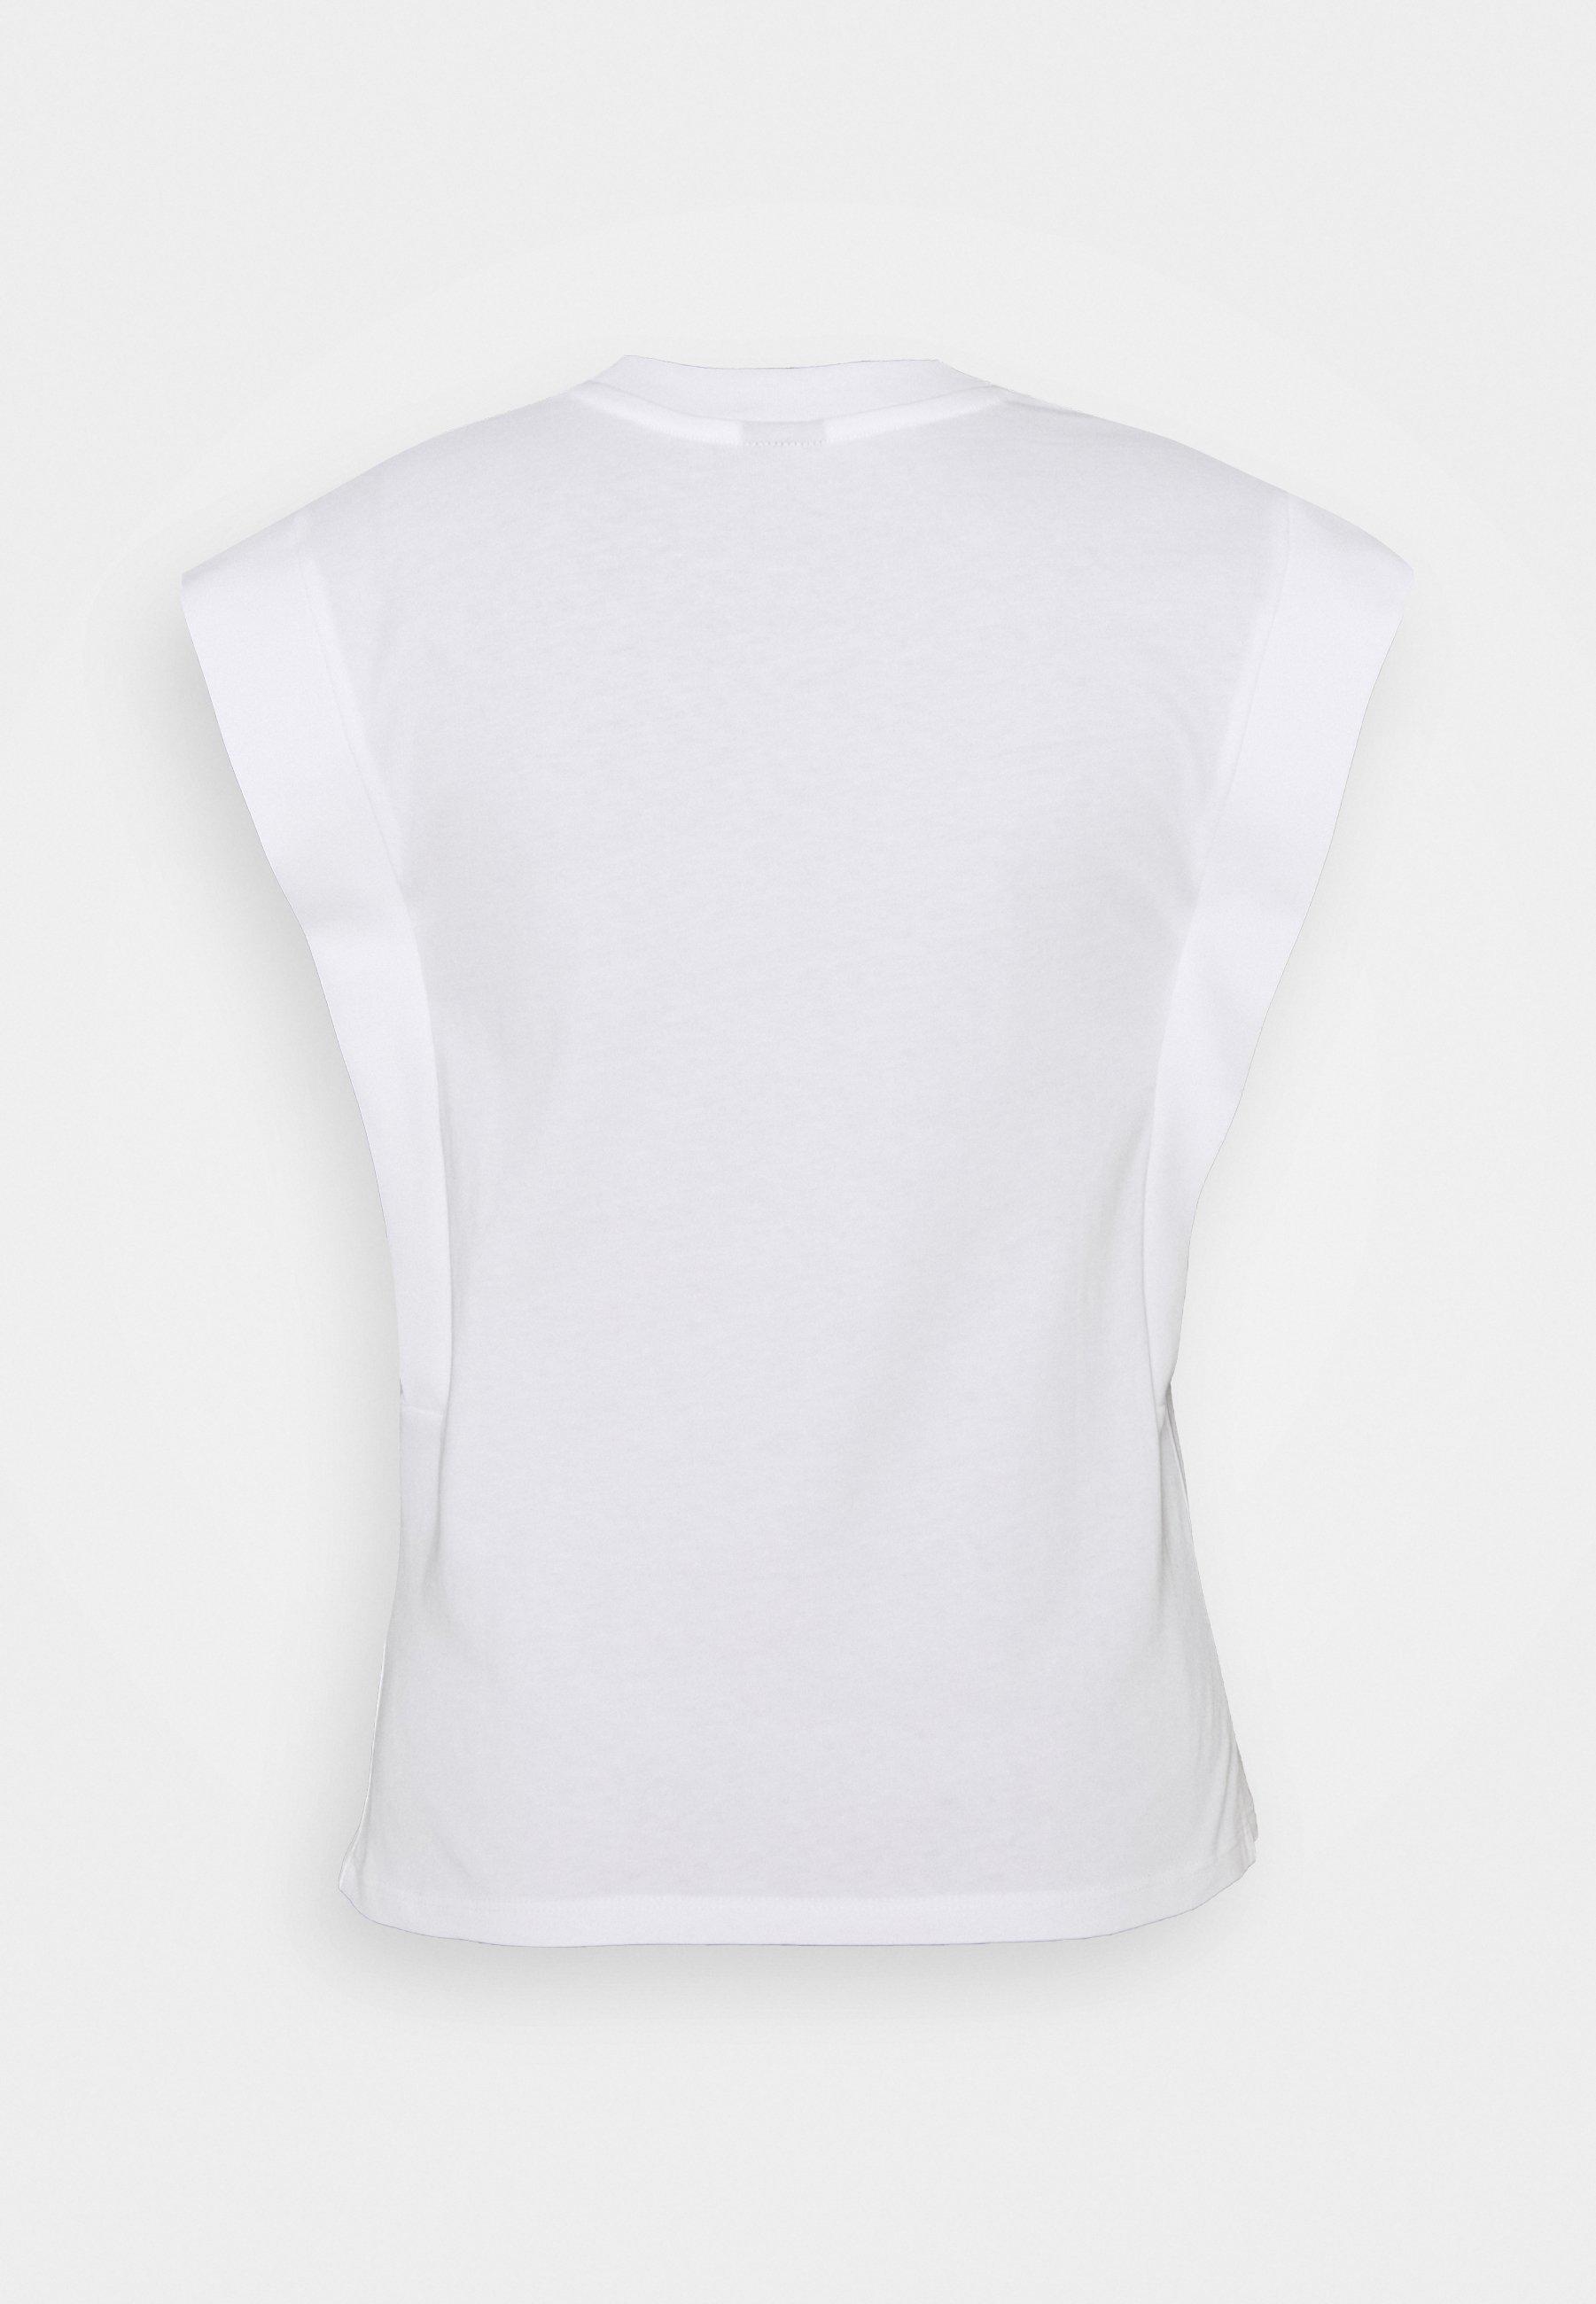 Gina Tricot Charlie Tank - T-shirts White/hvit